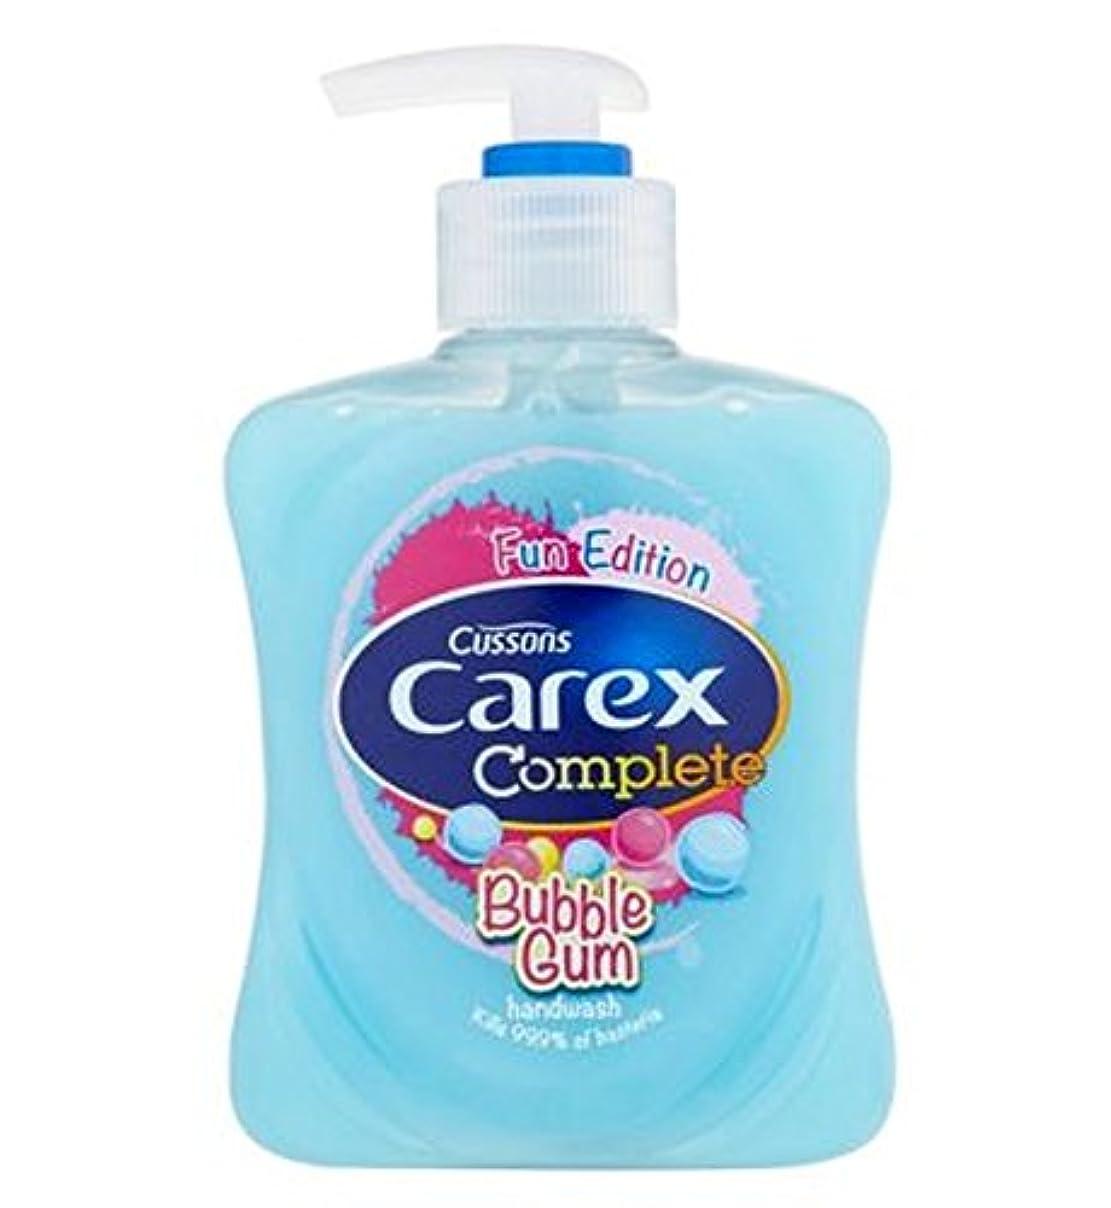 神の赤崖スゲ属楽しいバブルガムハンドウォッシュ250ミリリットル (Carex) (x2) - Carex Fun Bubble Gum Hand Wash 250ml (Pack of 2) [並行輸入品]